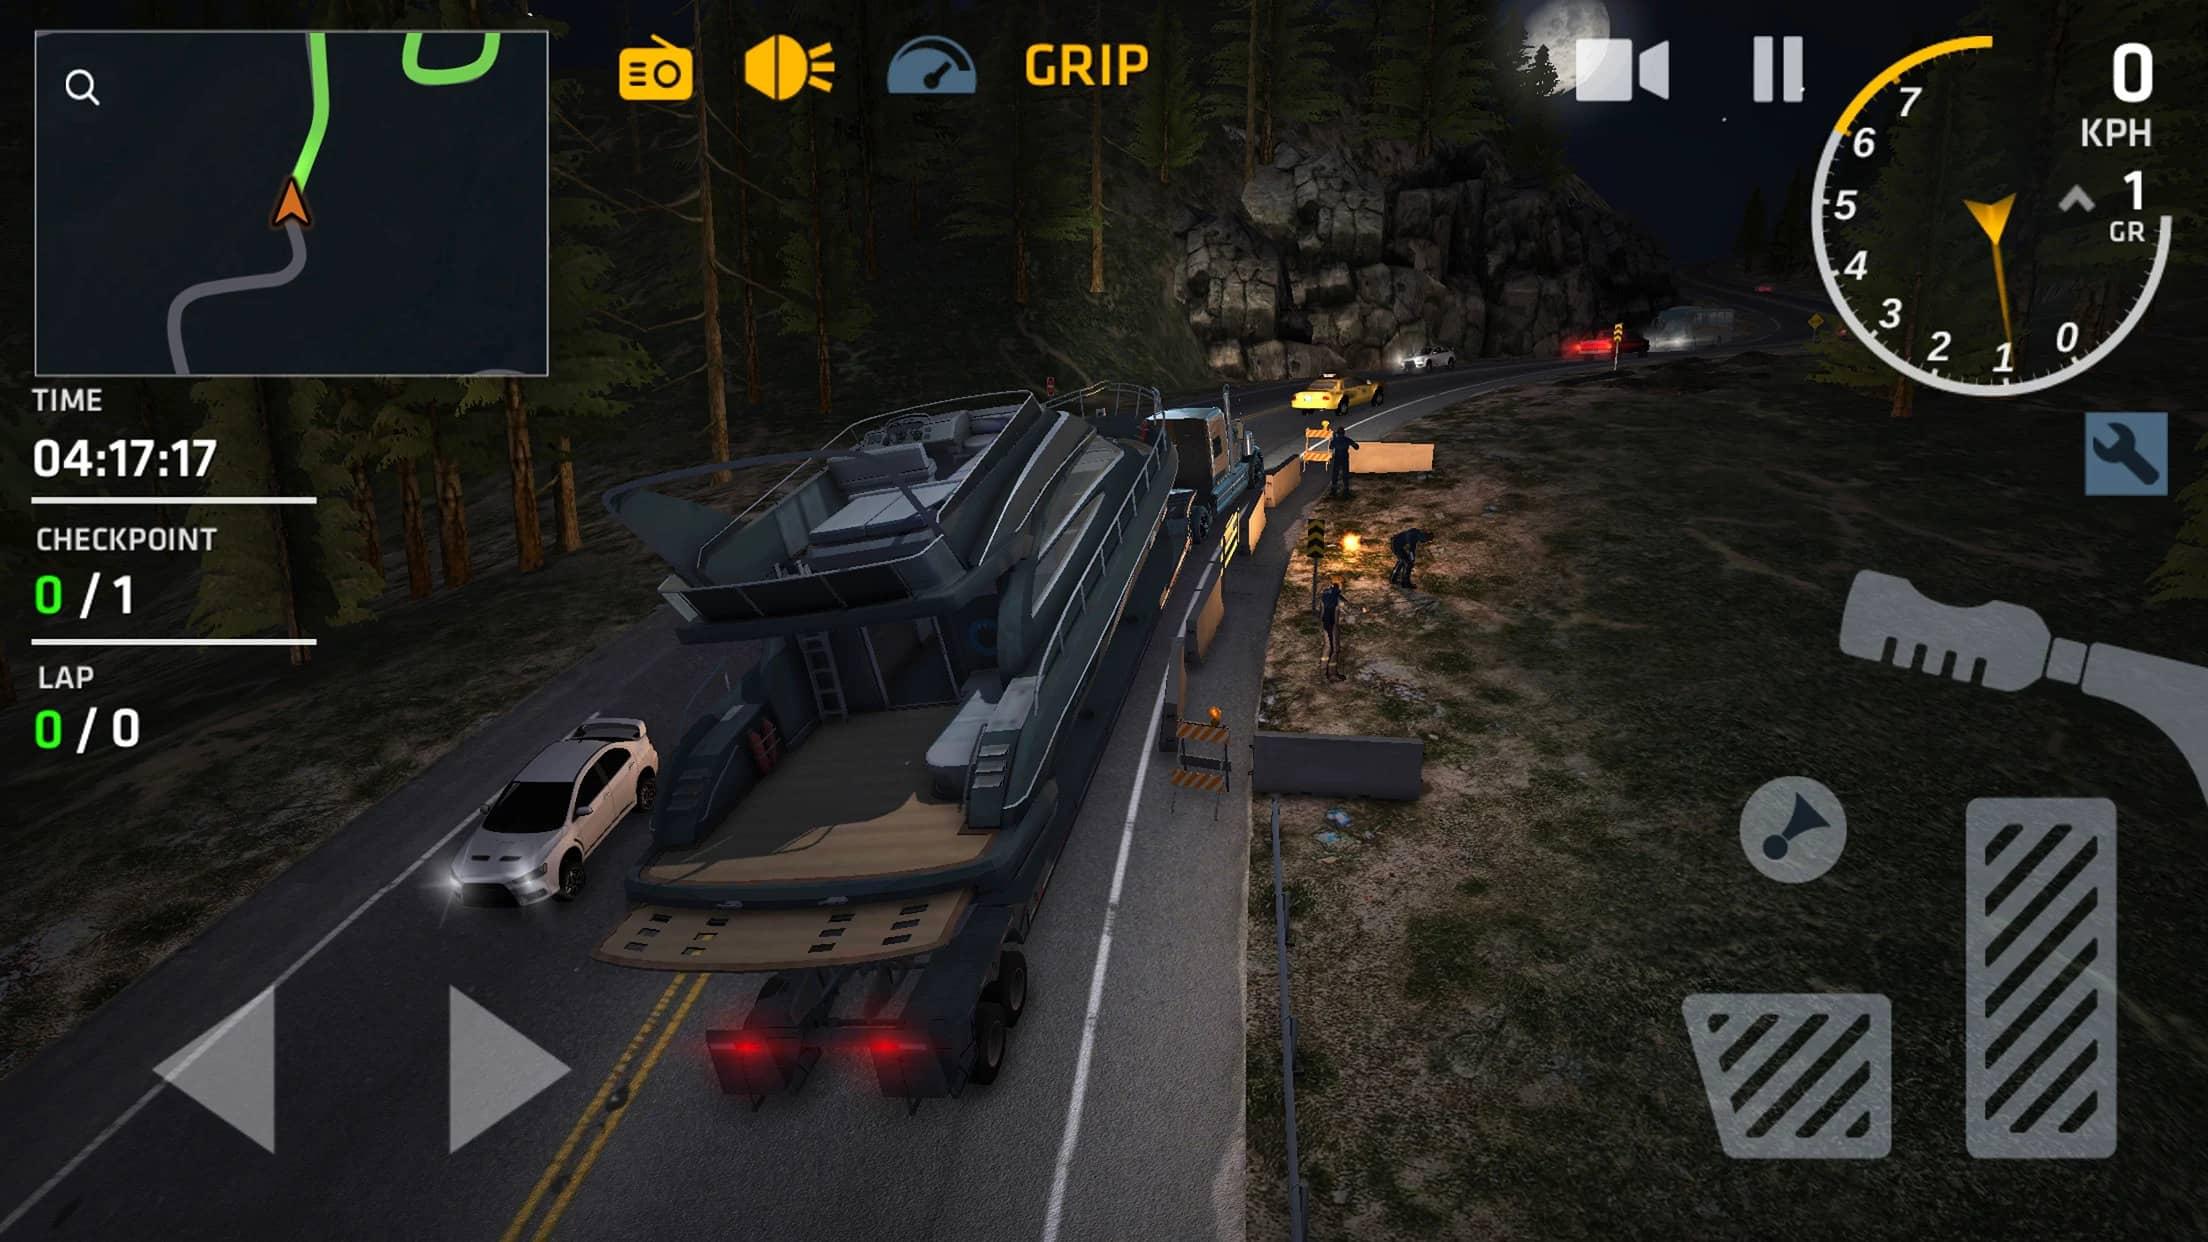 تحميل Ultimate Truck Simulator مهكرة للاندرويد